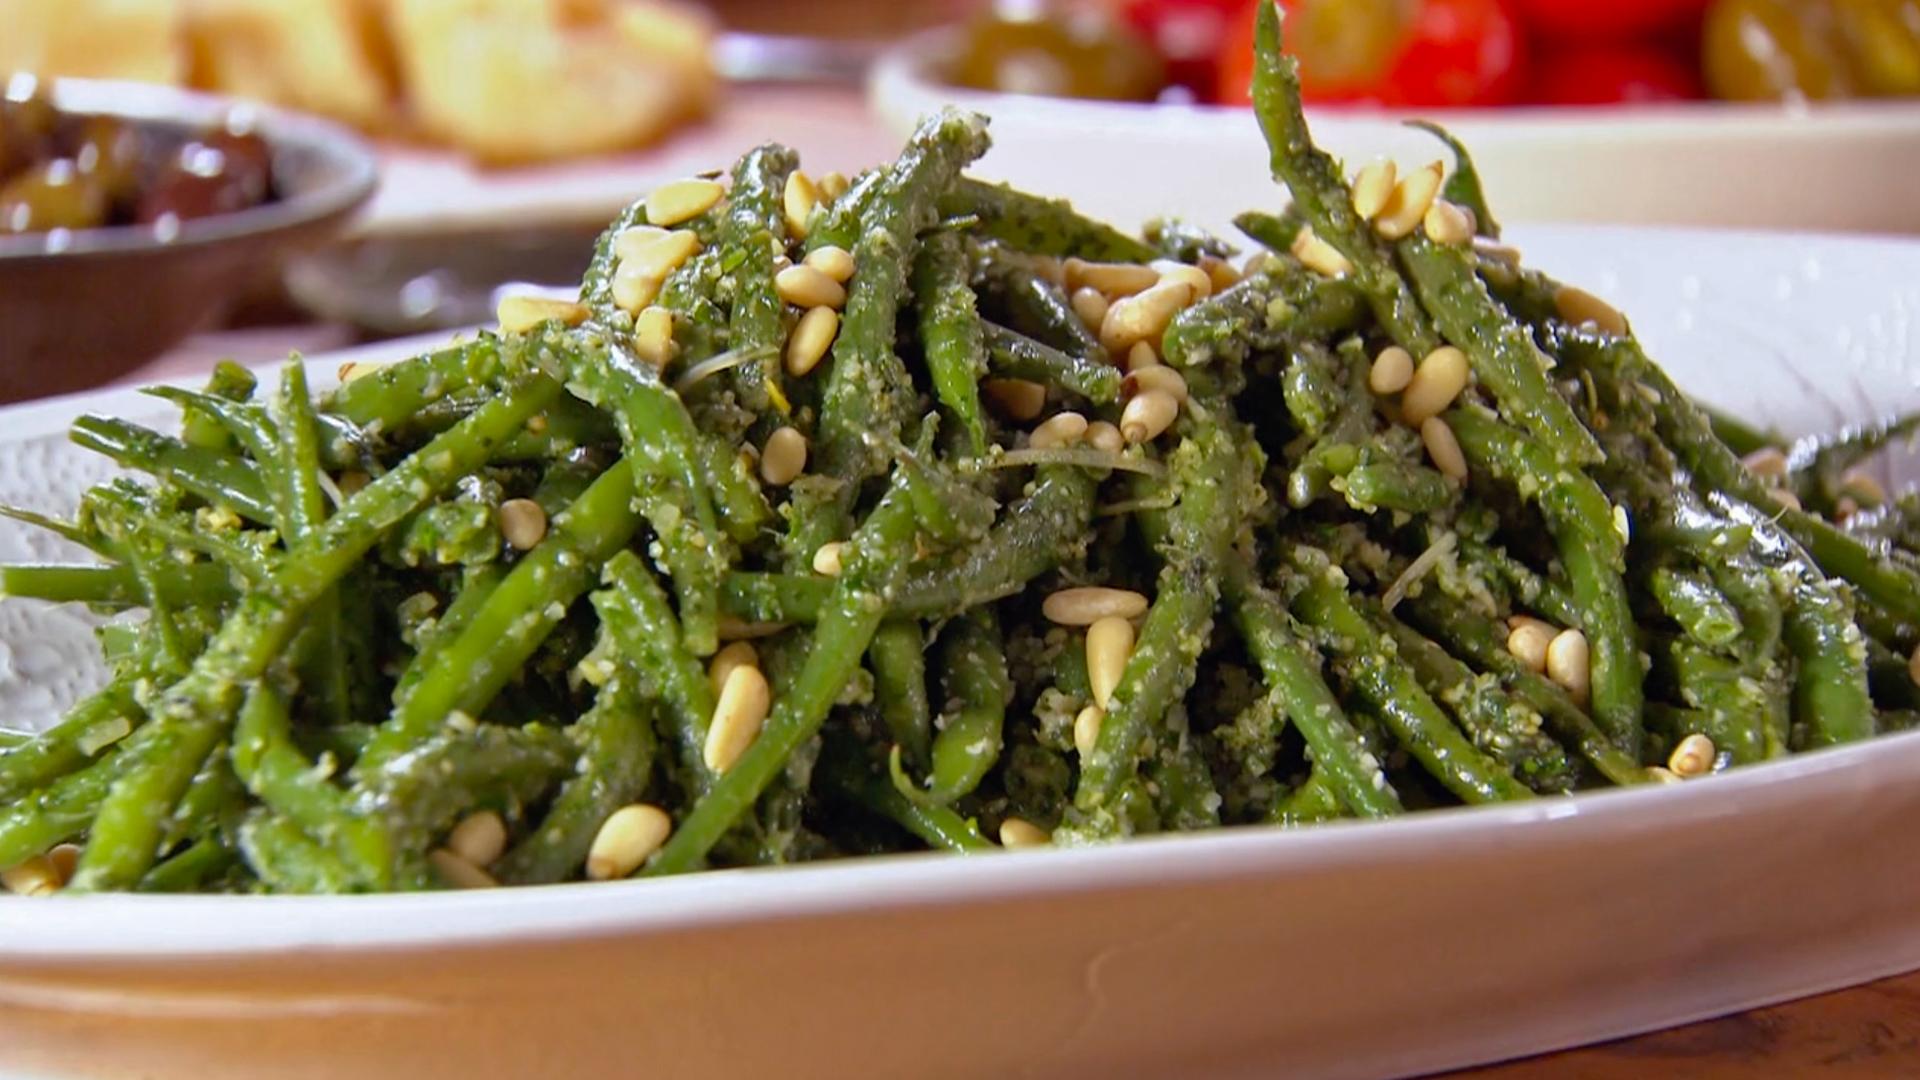 Green Beans with Mint Pesto (Fagiolini con Pesto Alla Menta)